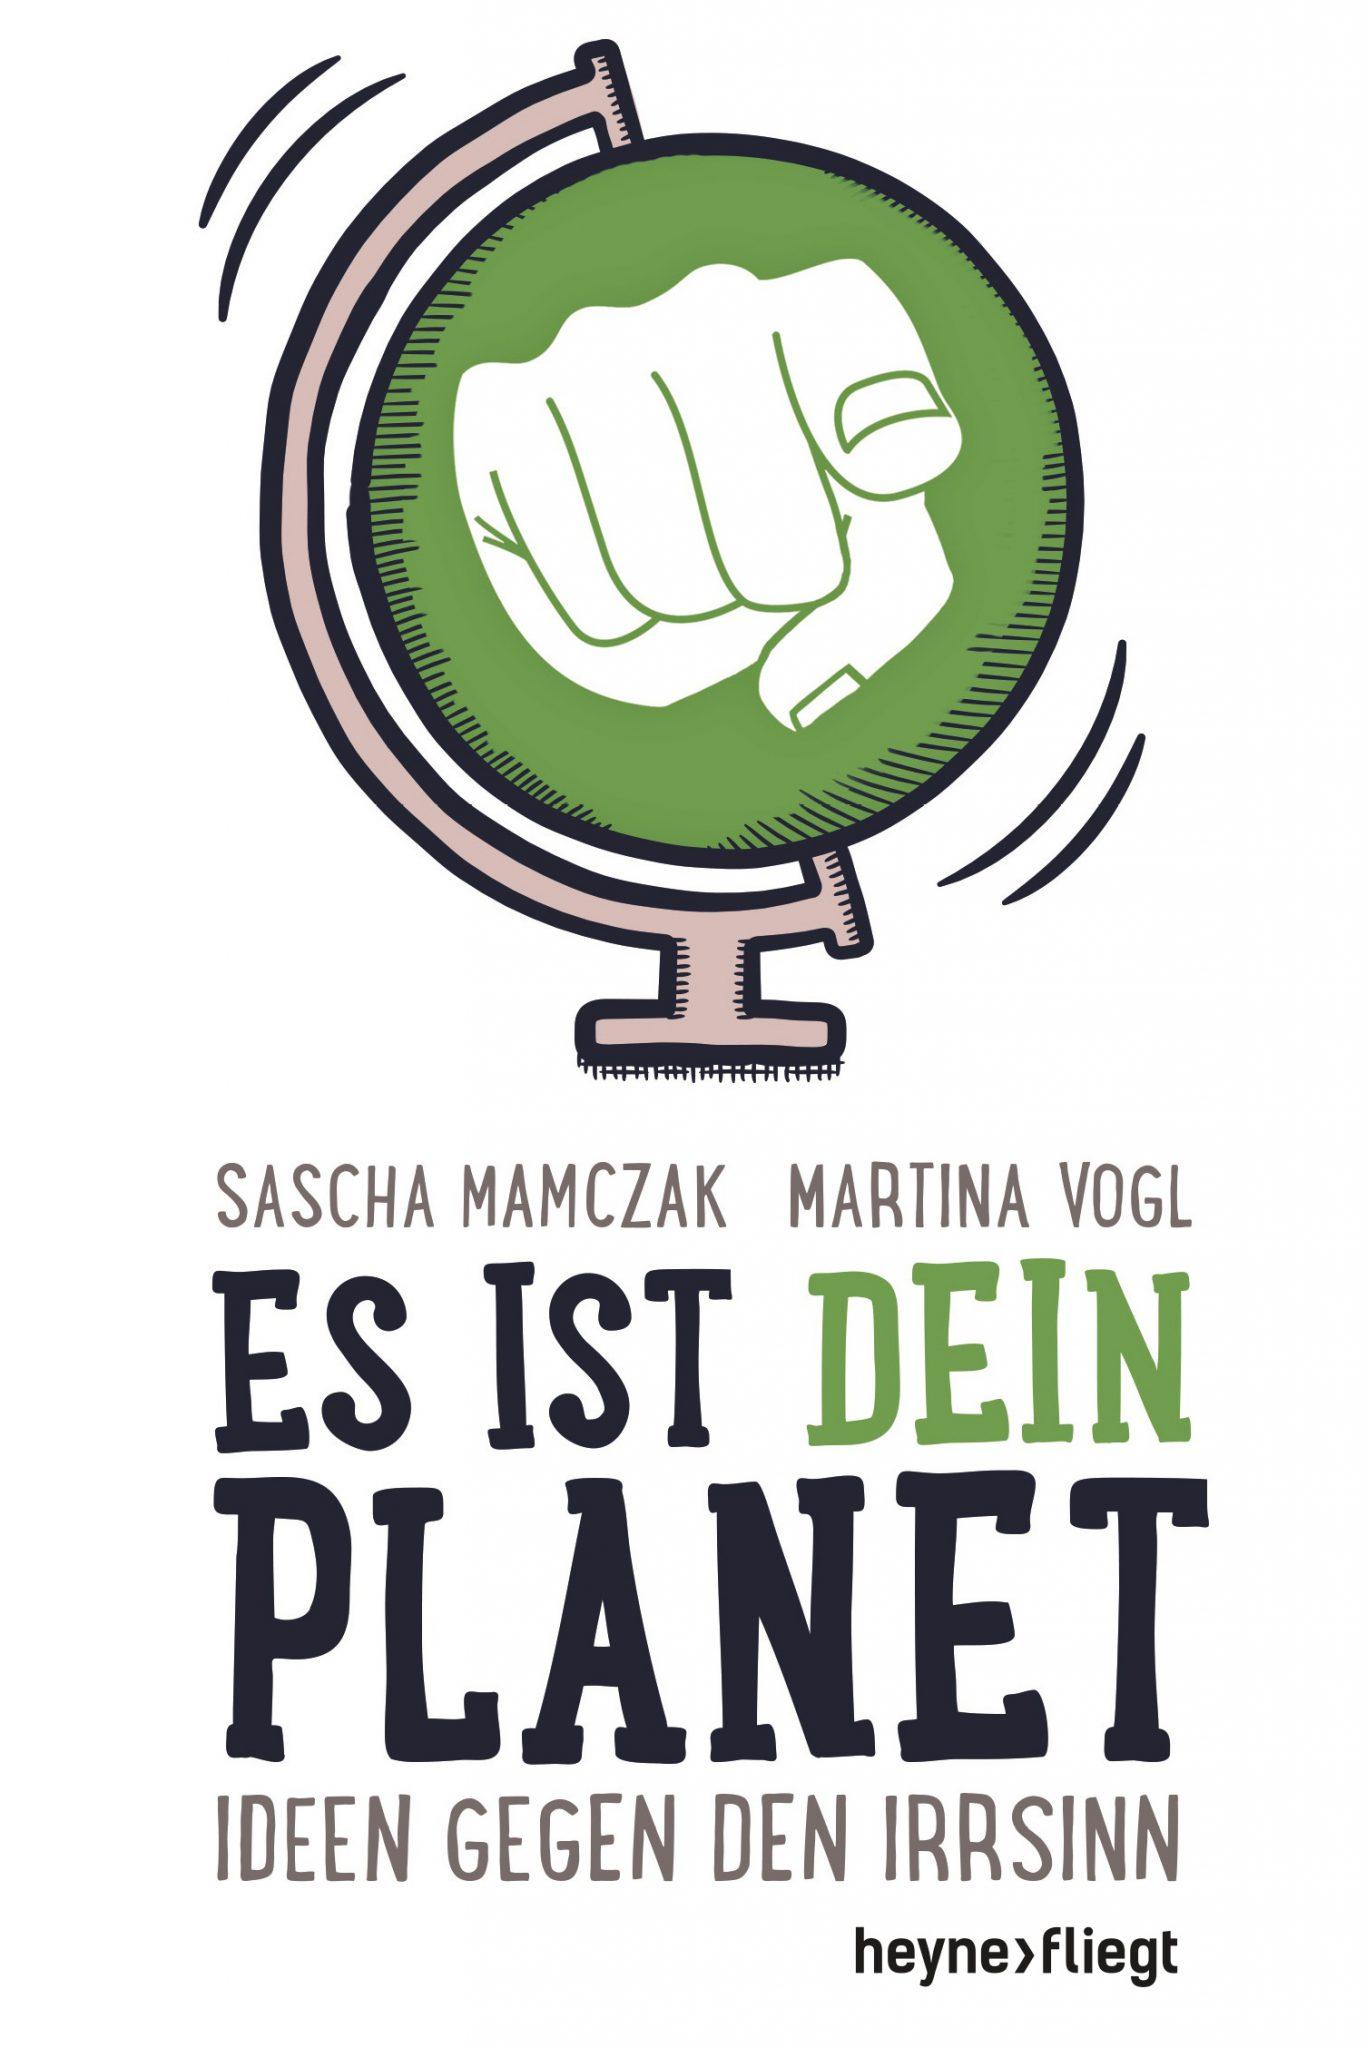 Es ist dein Planet von Sascha Mamczak